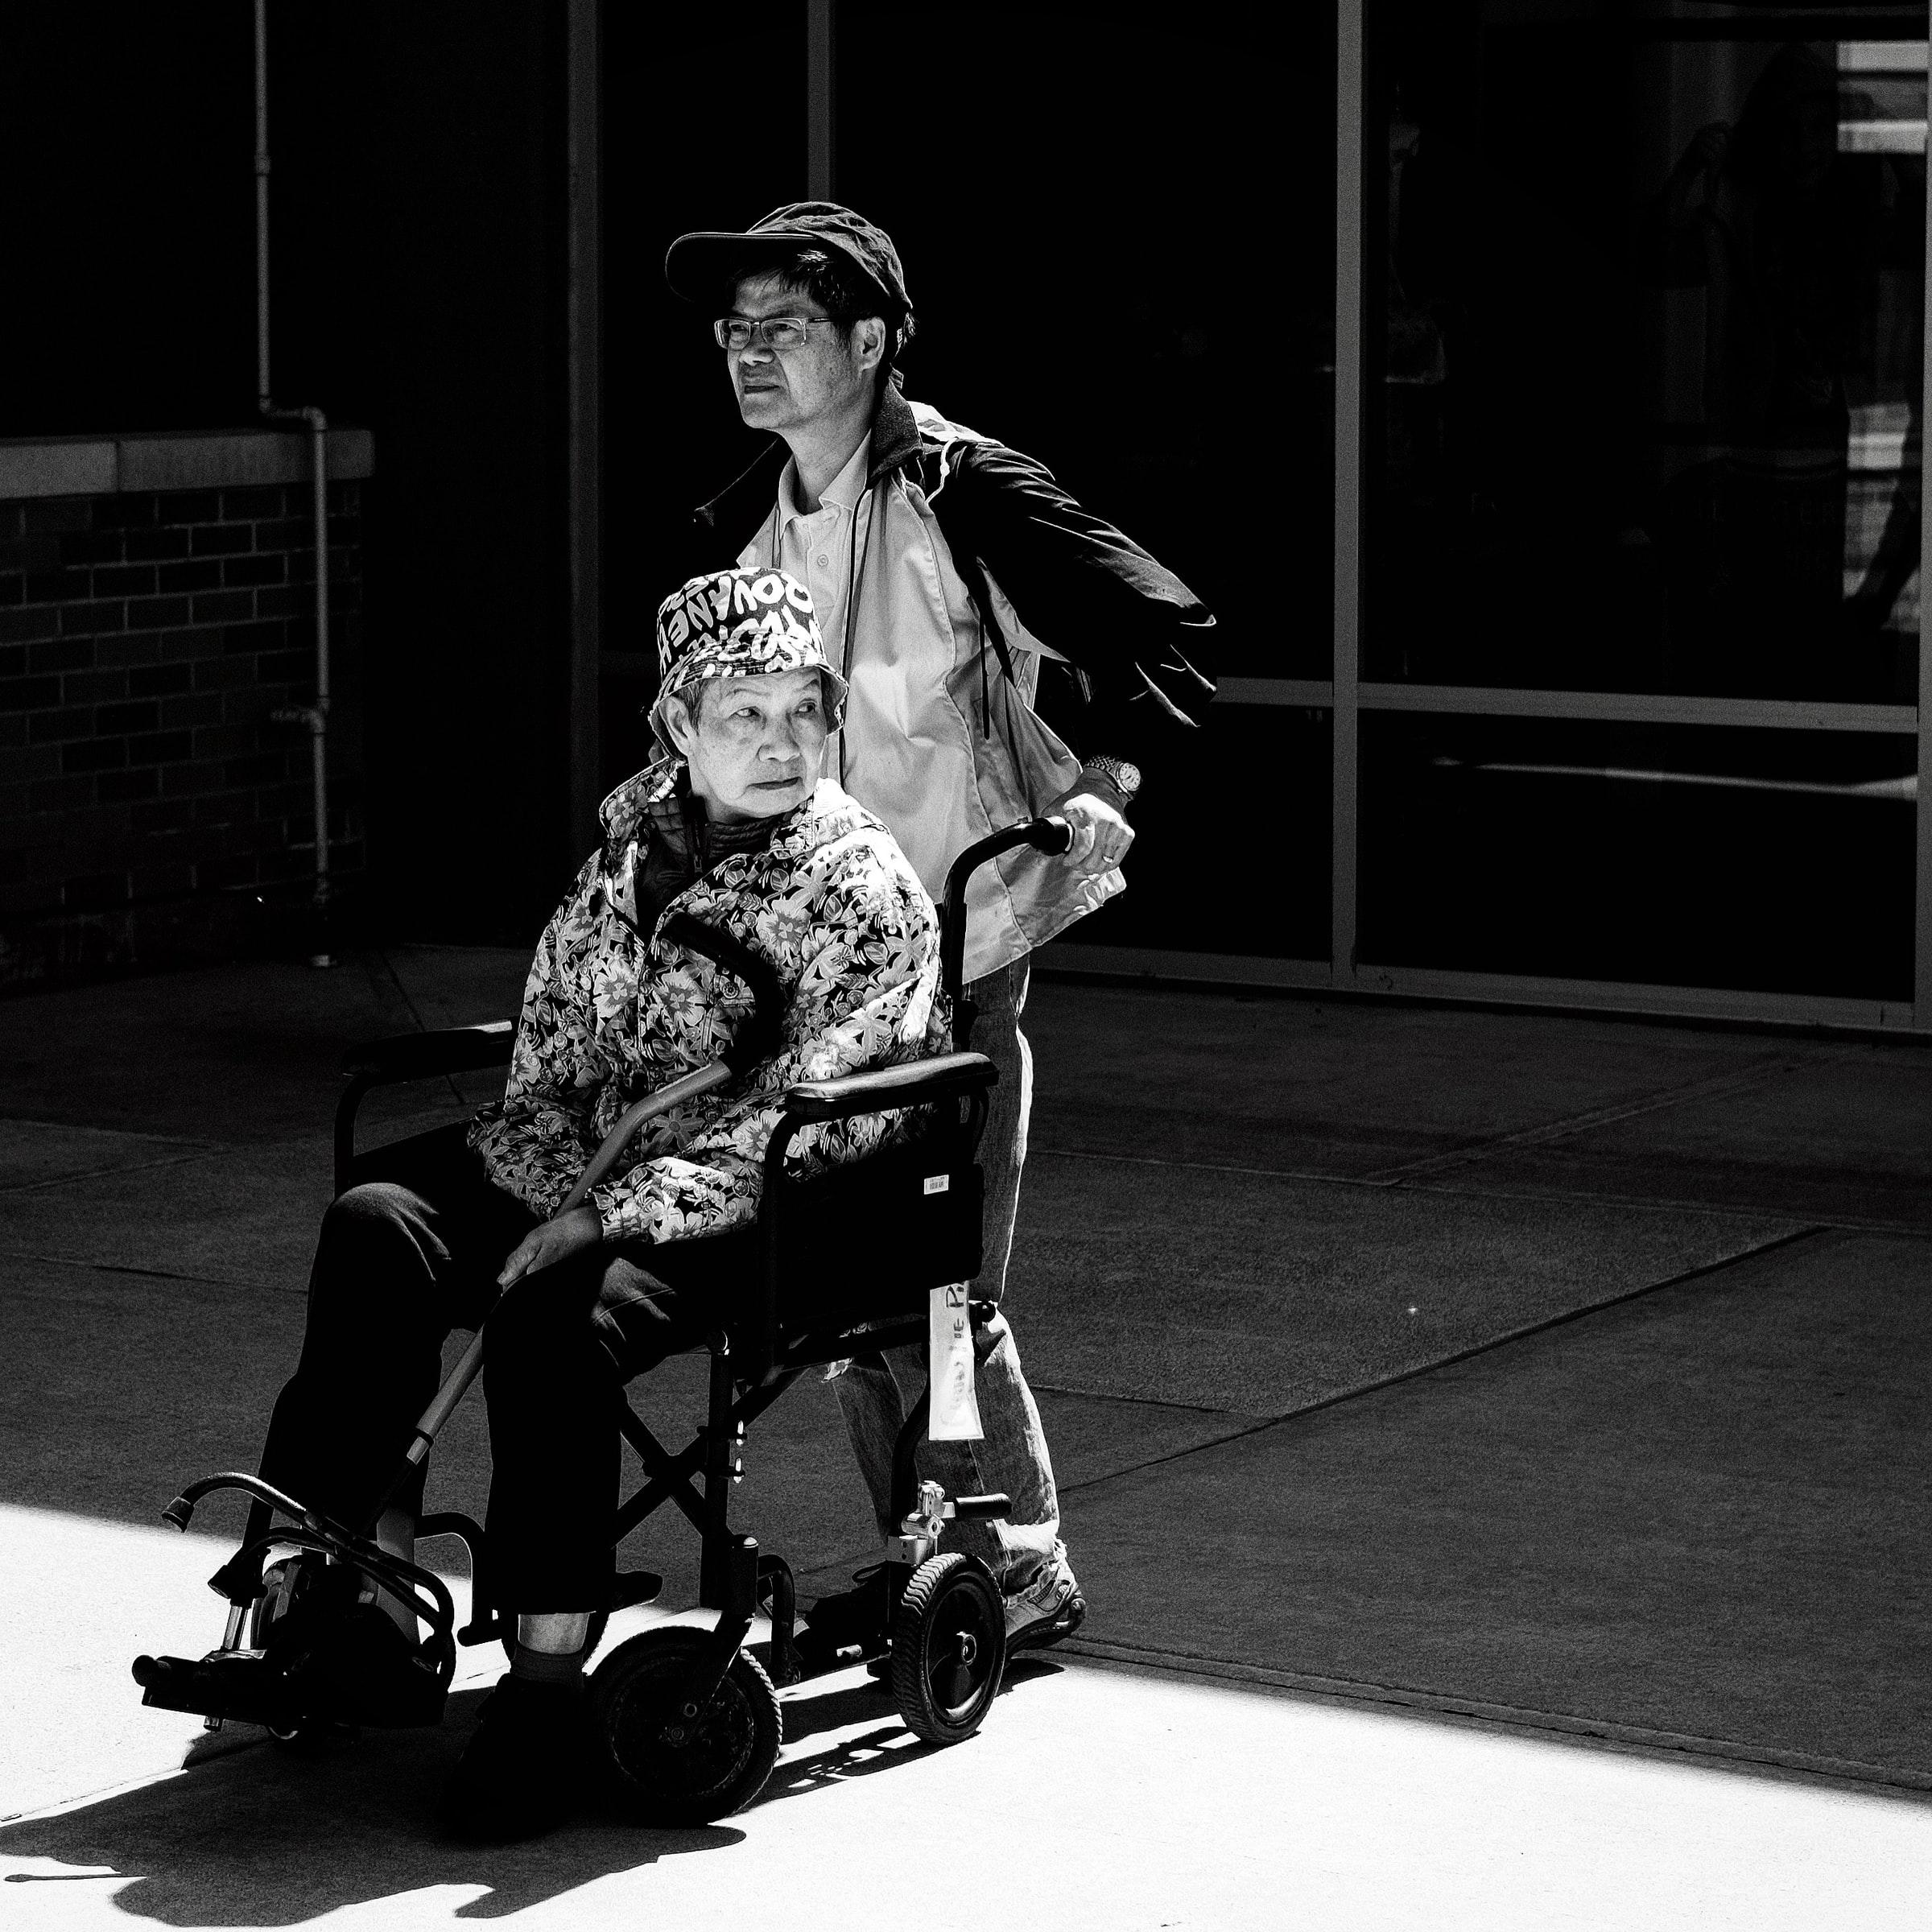 Disabilità e diritti negati